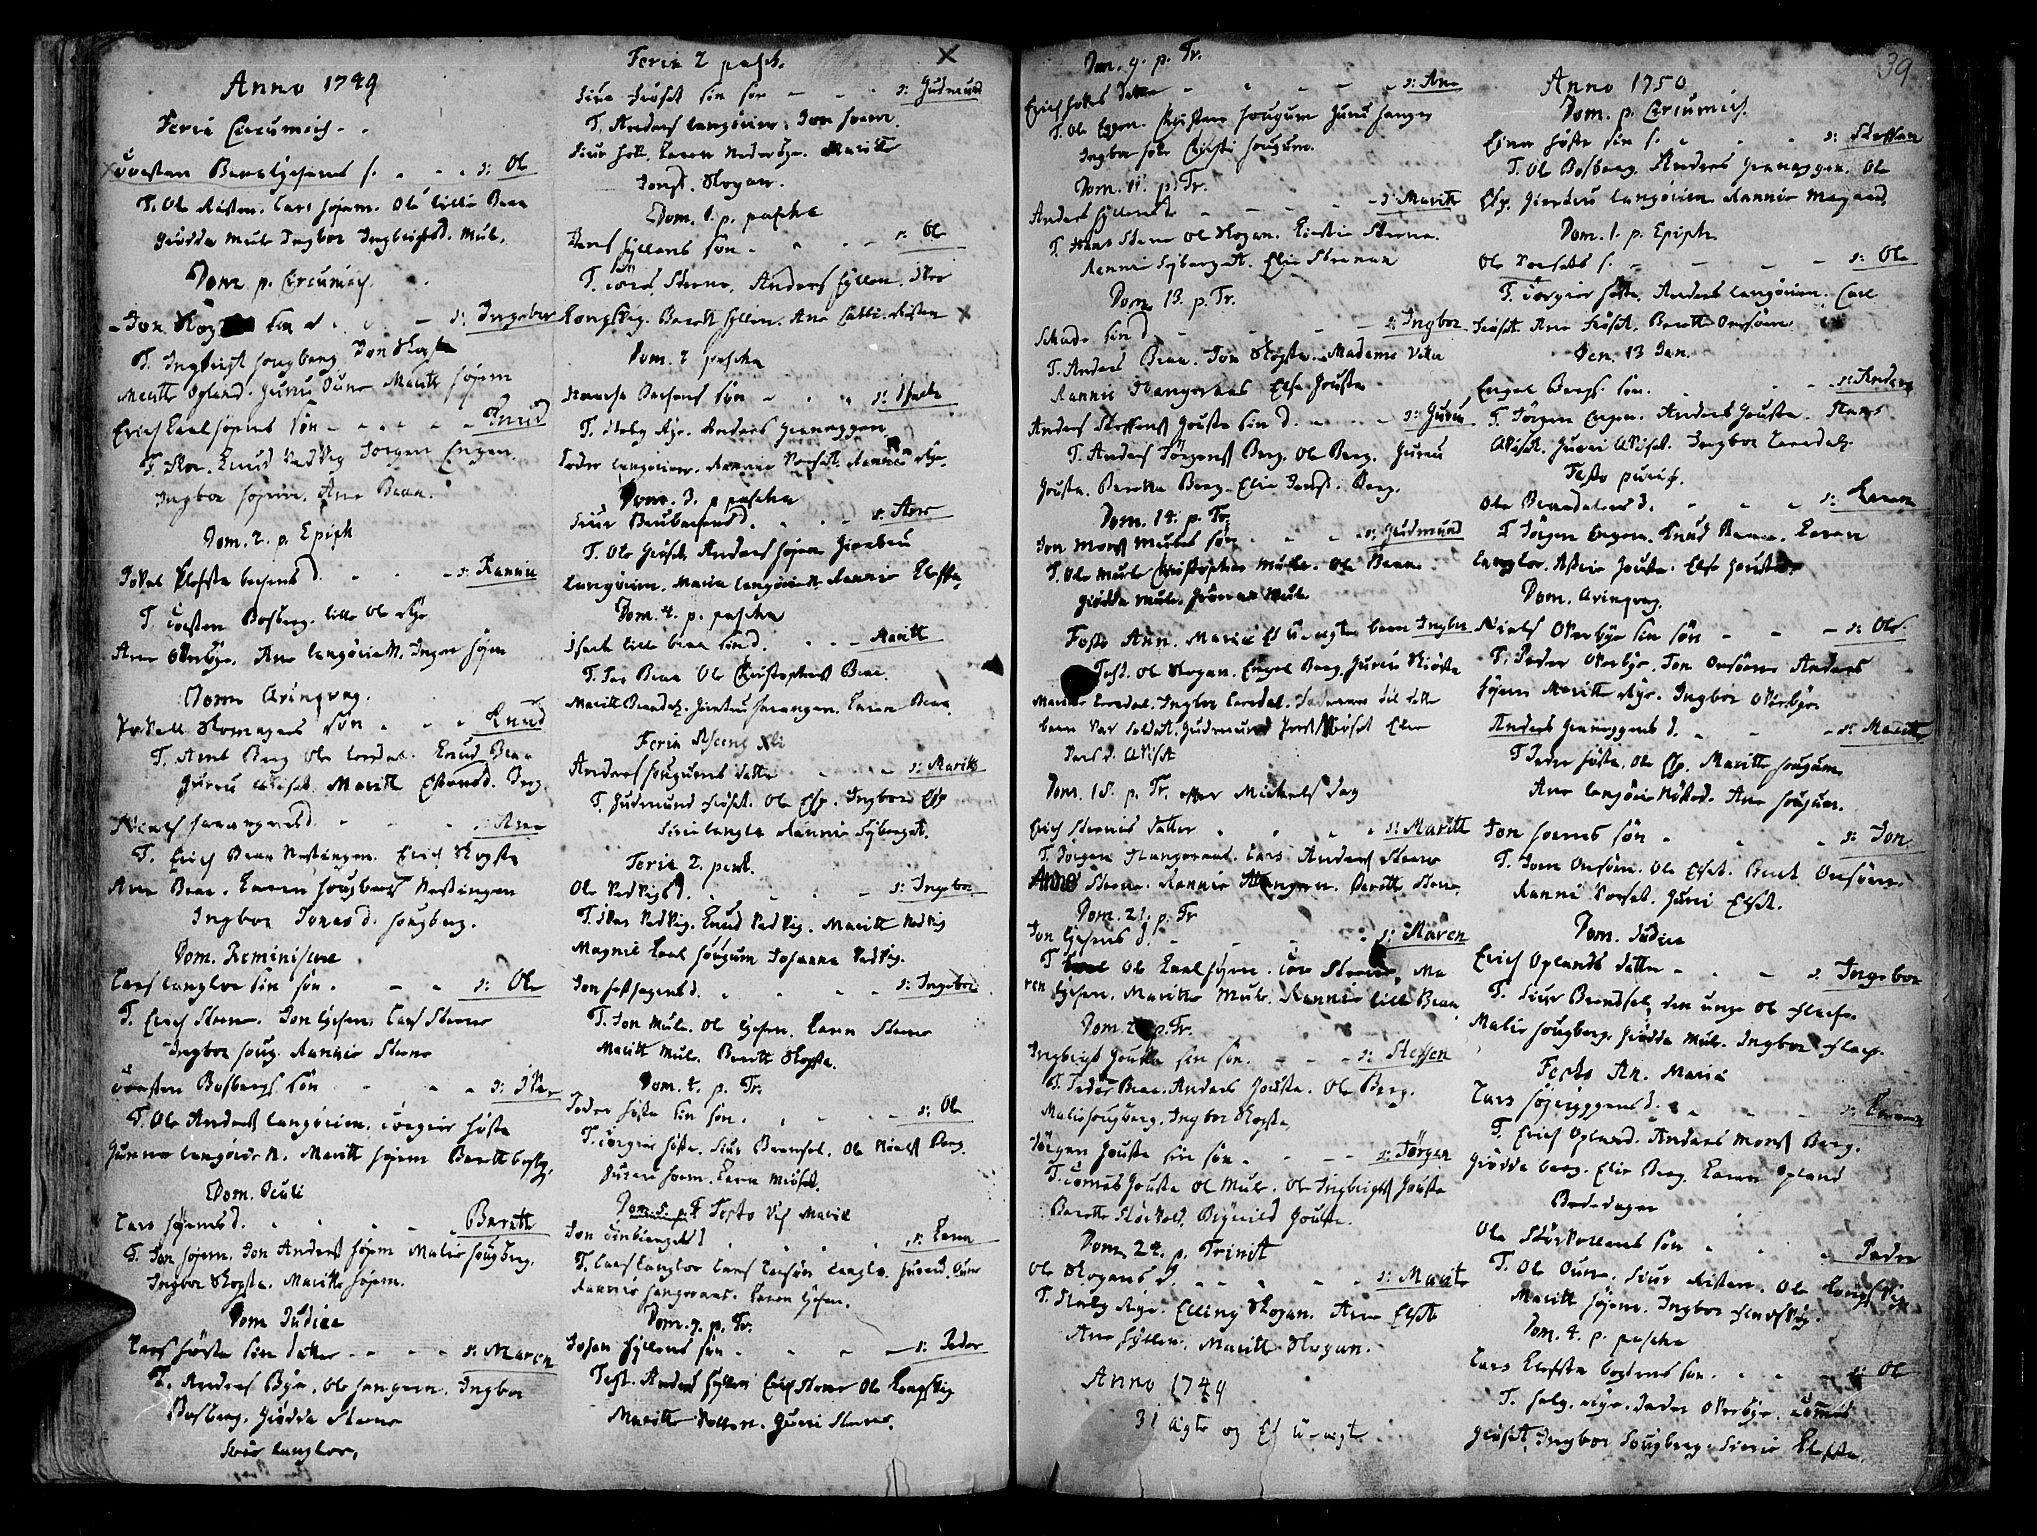 SAT, Ministerialprotokoller, klokkerbøker og fødselsregistre - Sør-Trøndelag, 612/L0368: Ministerialbok nr. 612A02, 1702-1753, s. 39